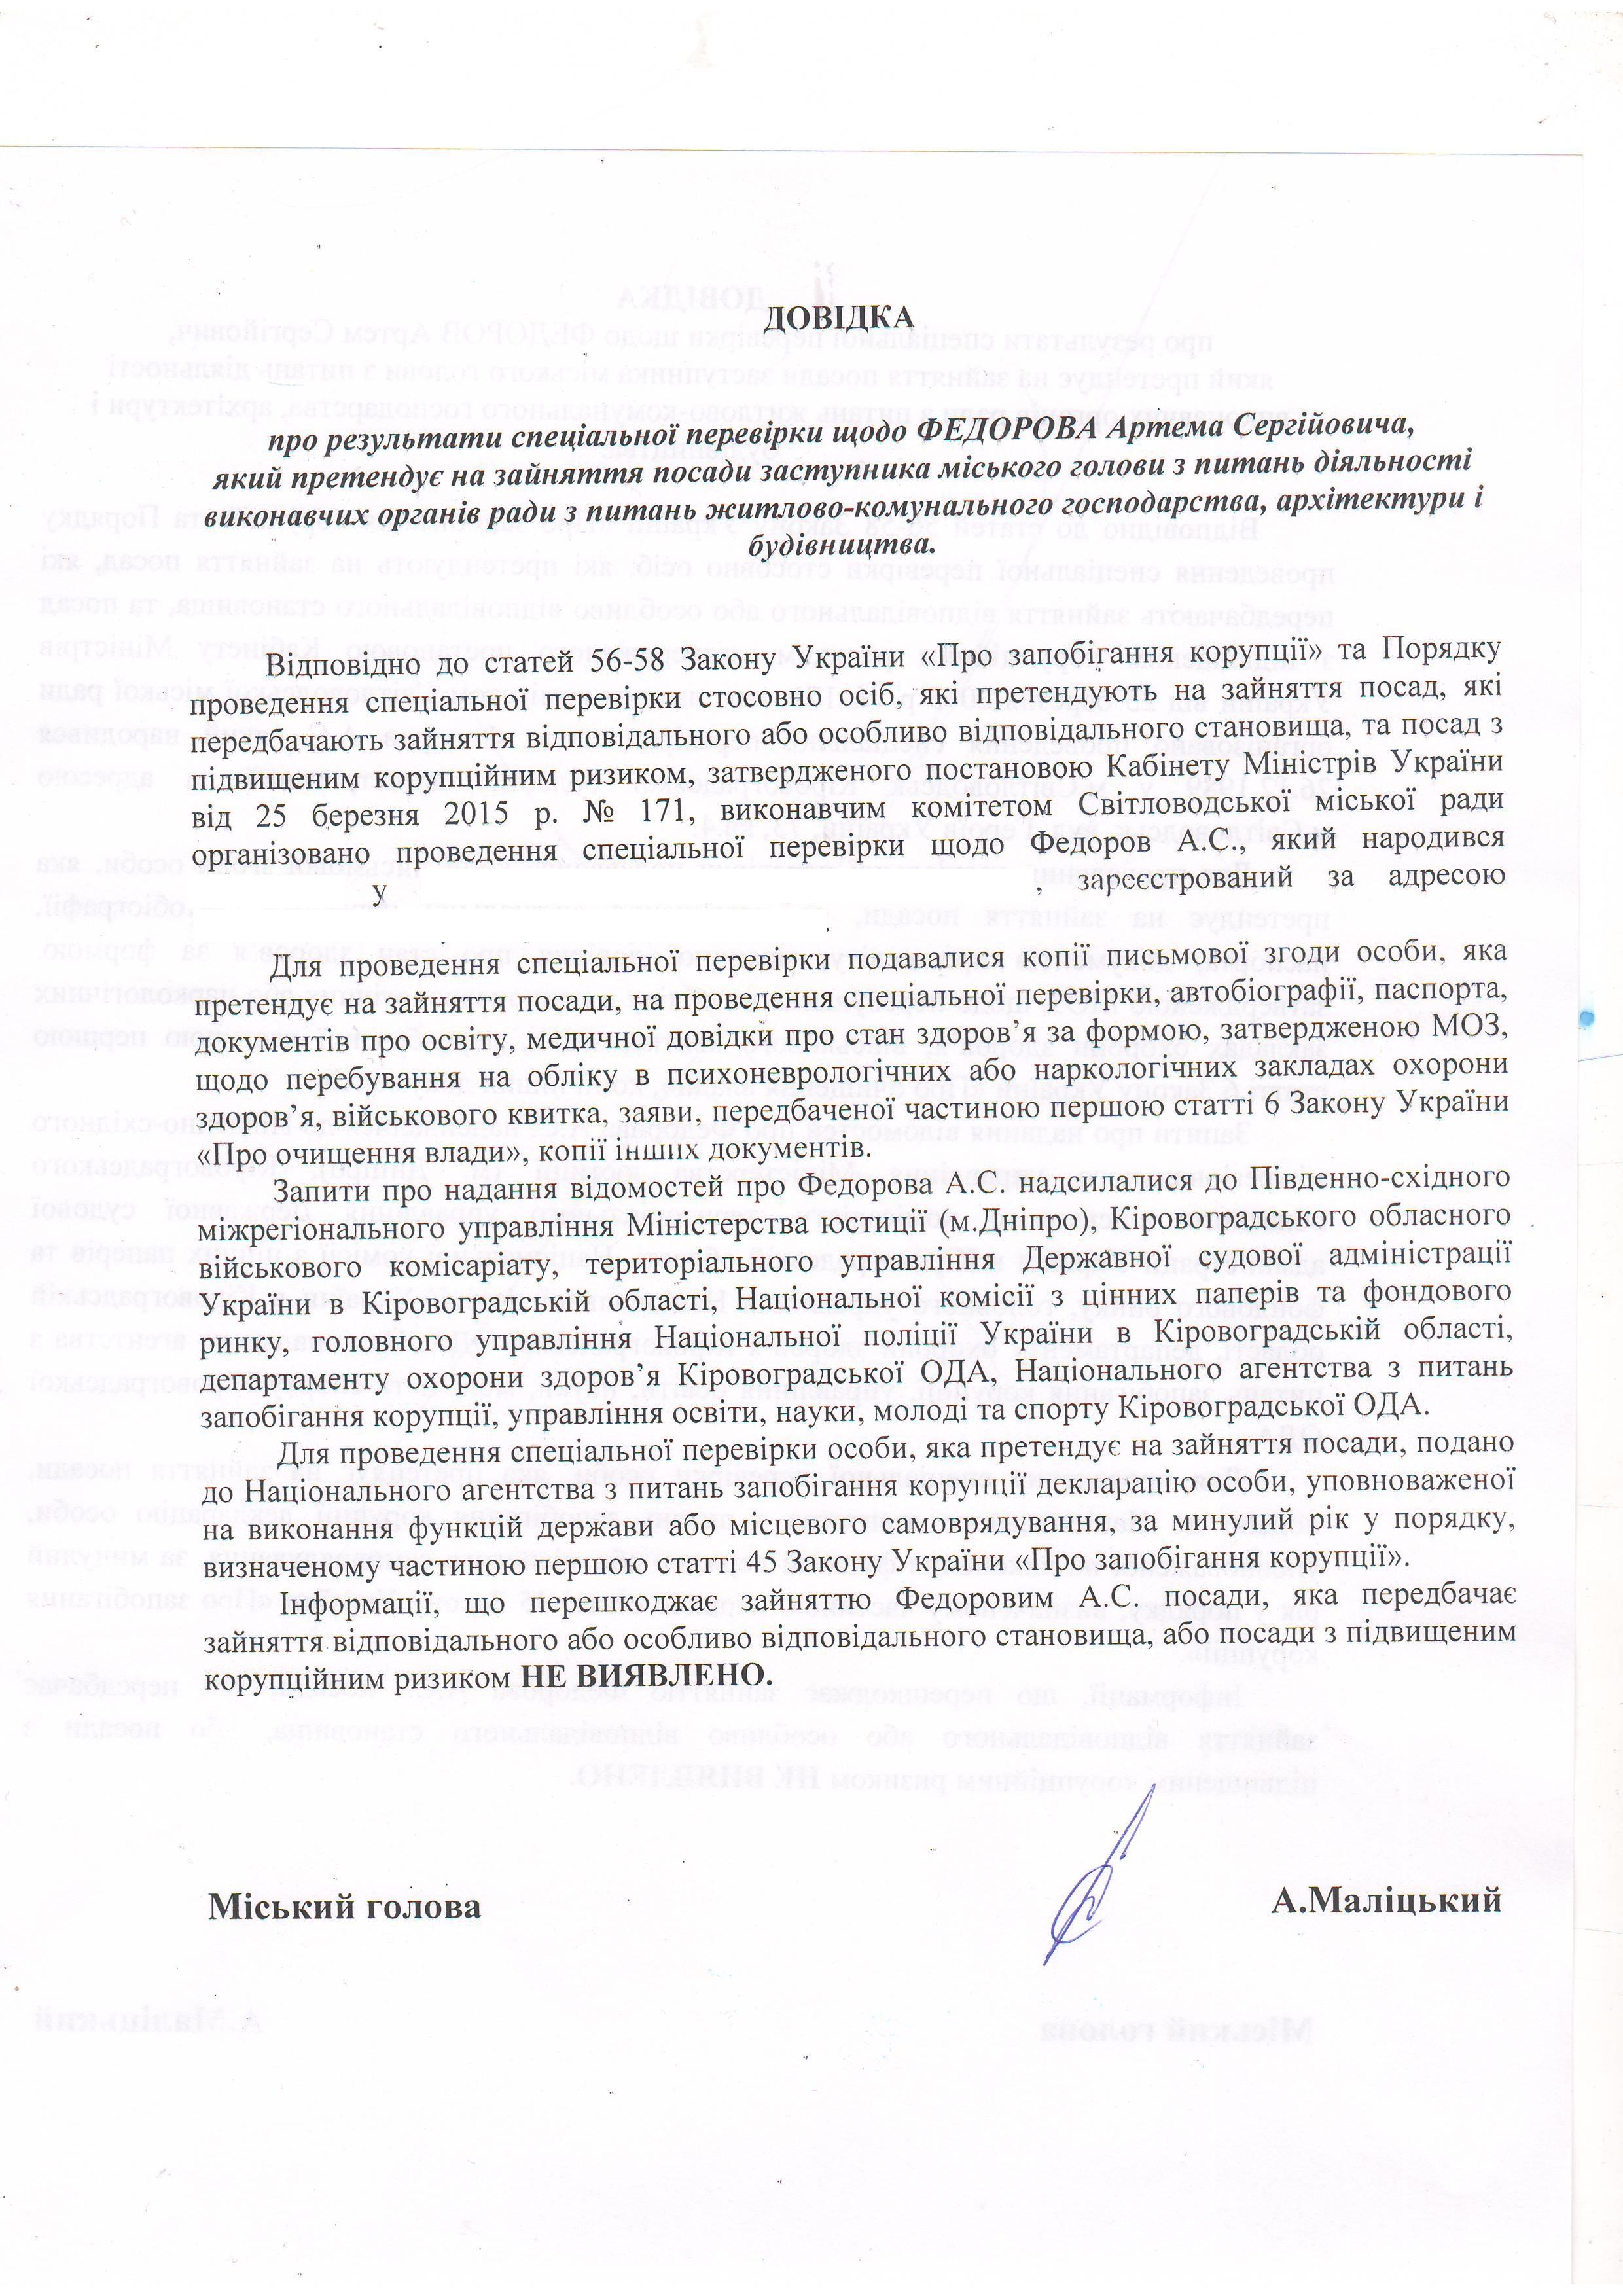 Результати перевірки Федорова А.С.